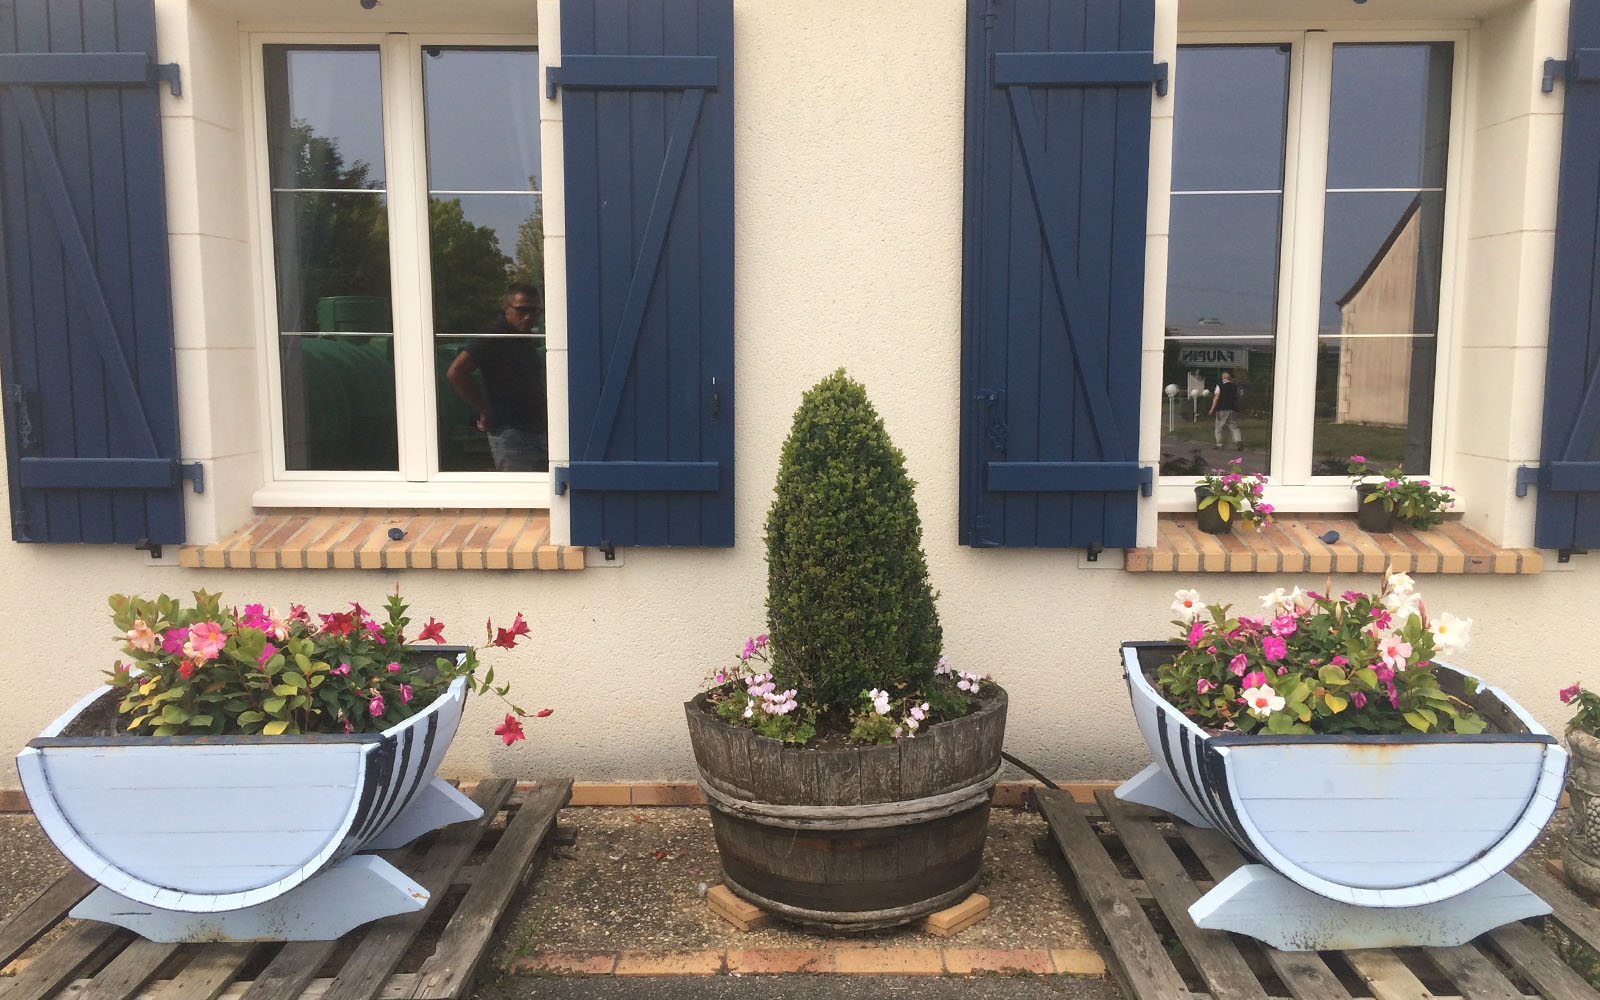 L'esterno fiorito della sala degustazioni del Domaine Gérard Millet.